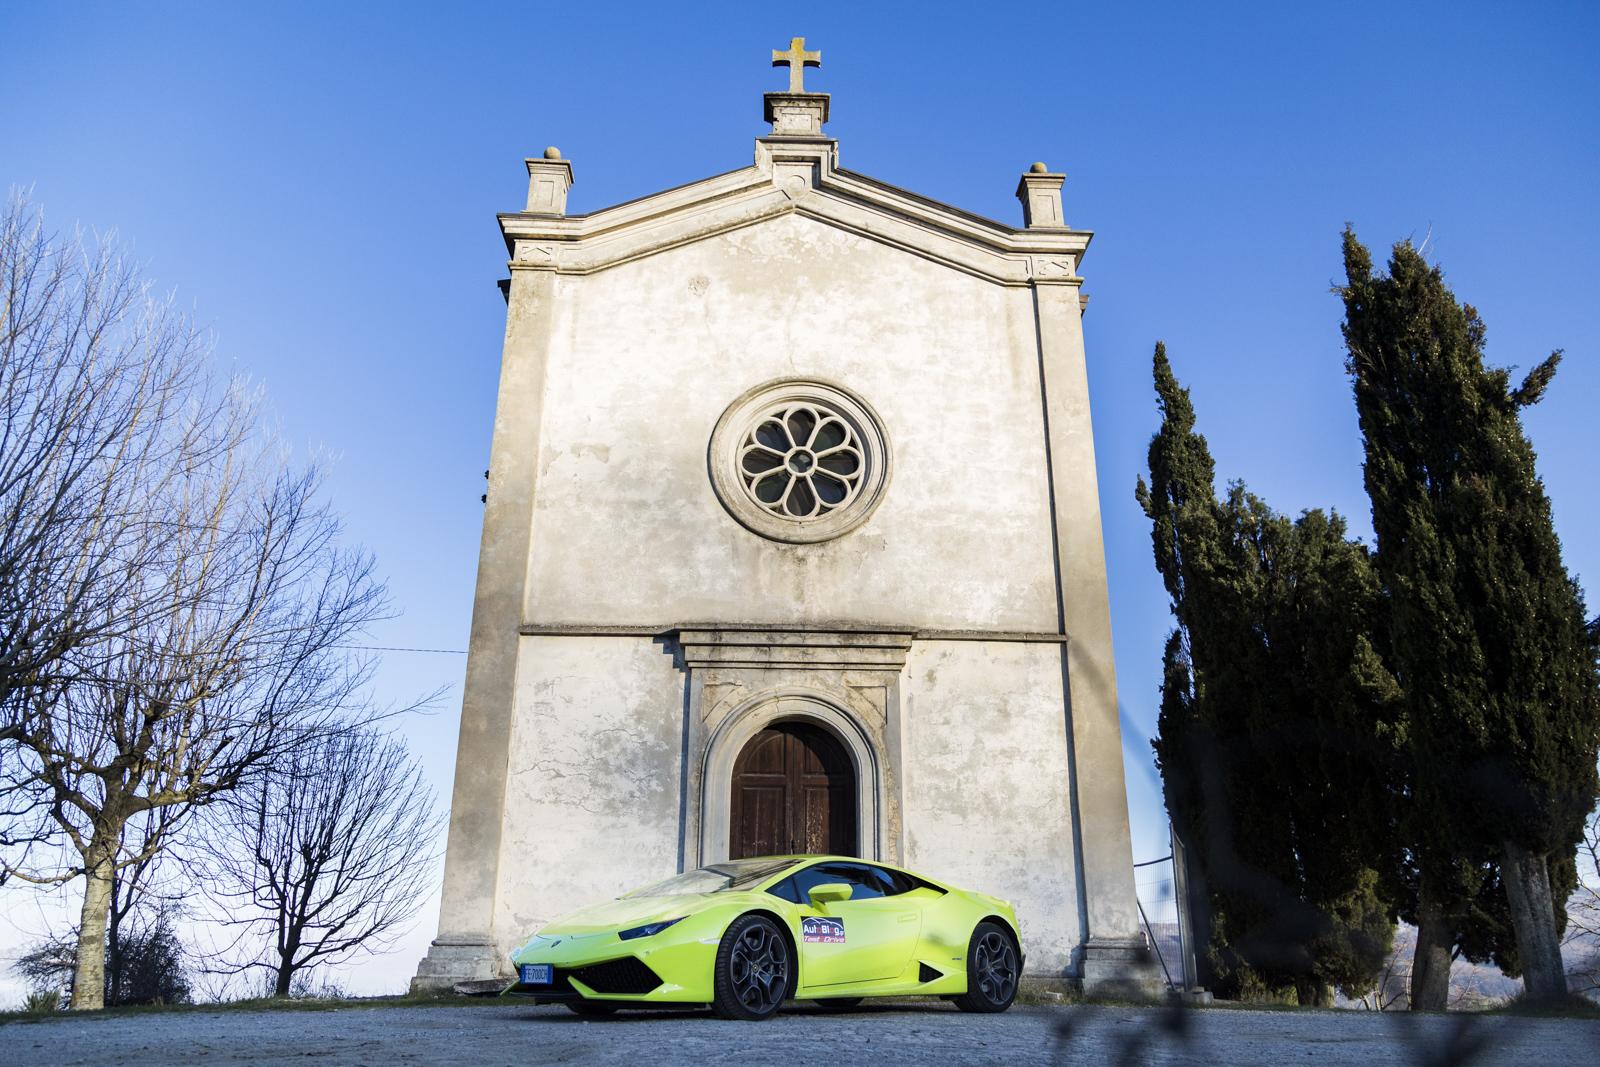 Test_Drive_Lamborghini_Huracan_LP610-4_18